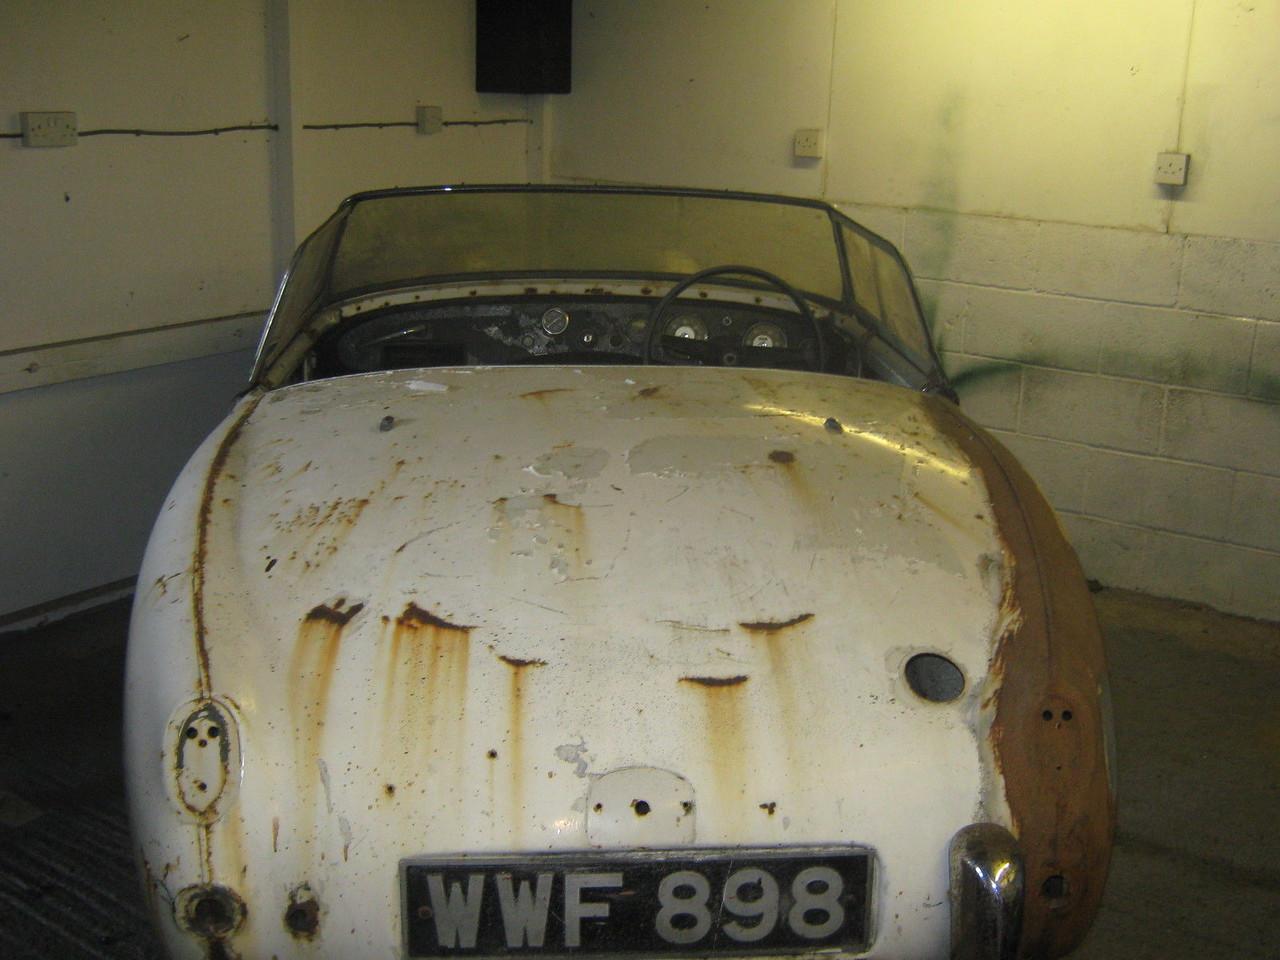 WWF898 Rear